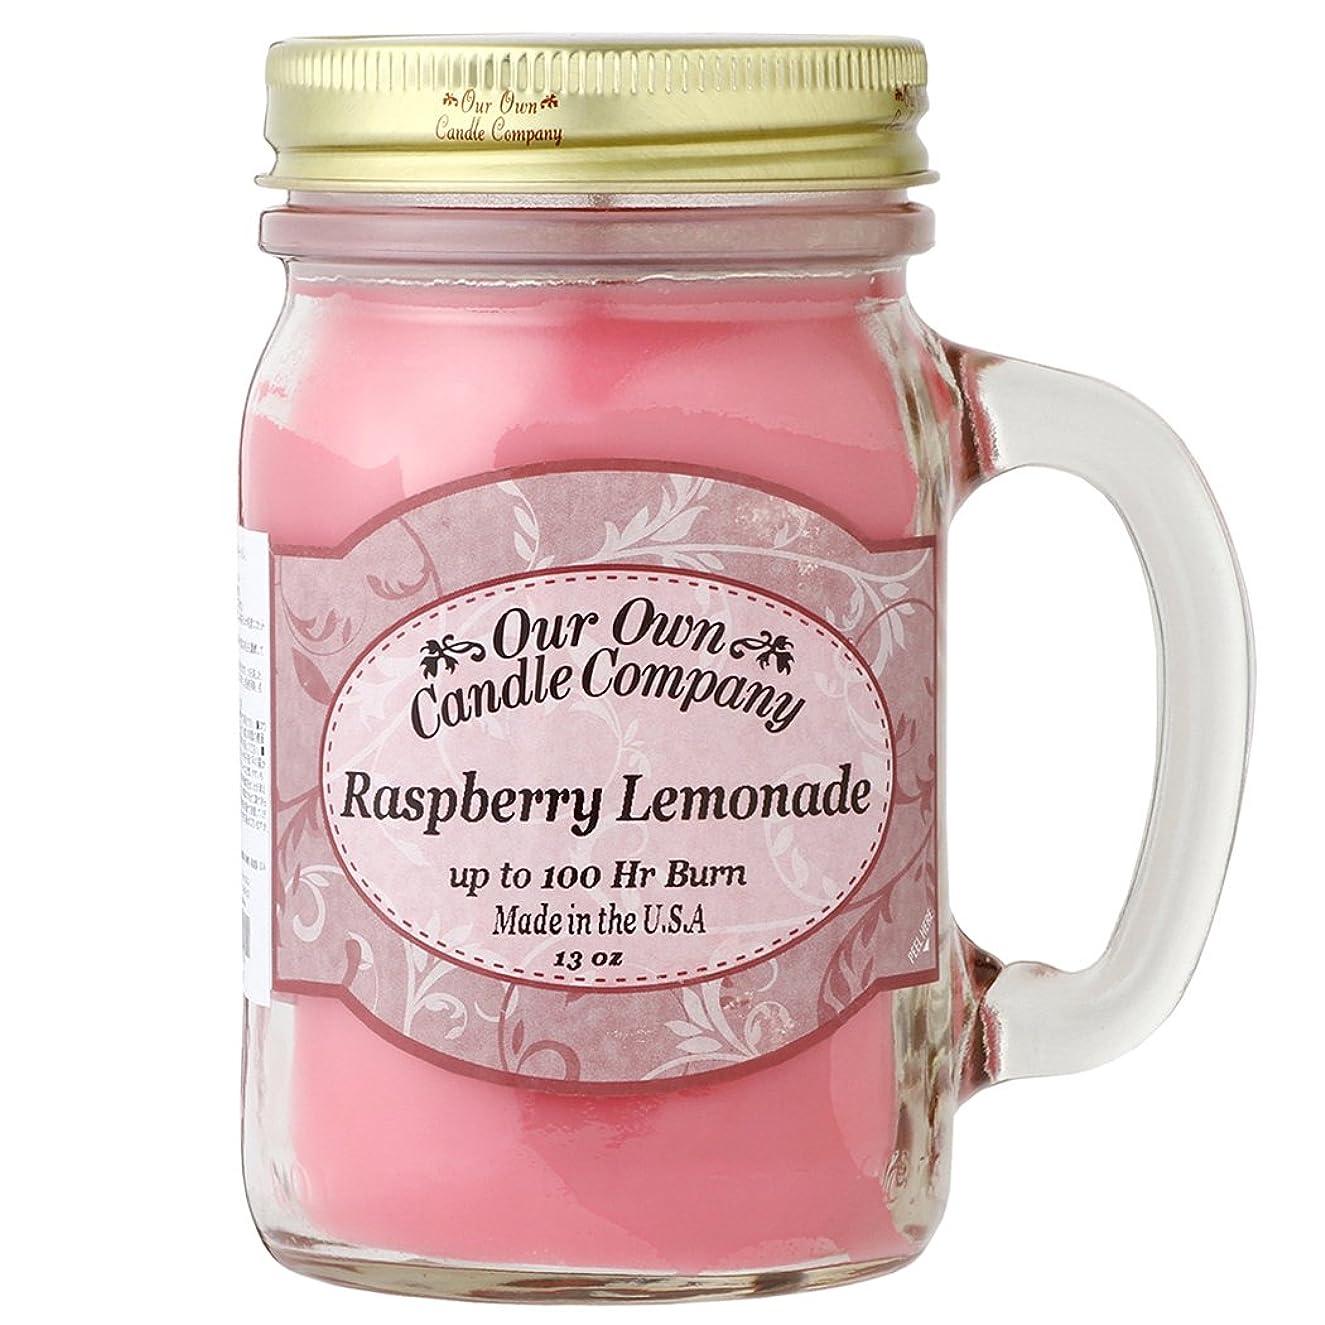 失望させる締める悲しいことにOur Own Candle Company メイソンジャーキャンドル ラージサイズ ラズベリーレモネード OU100096